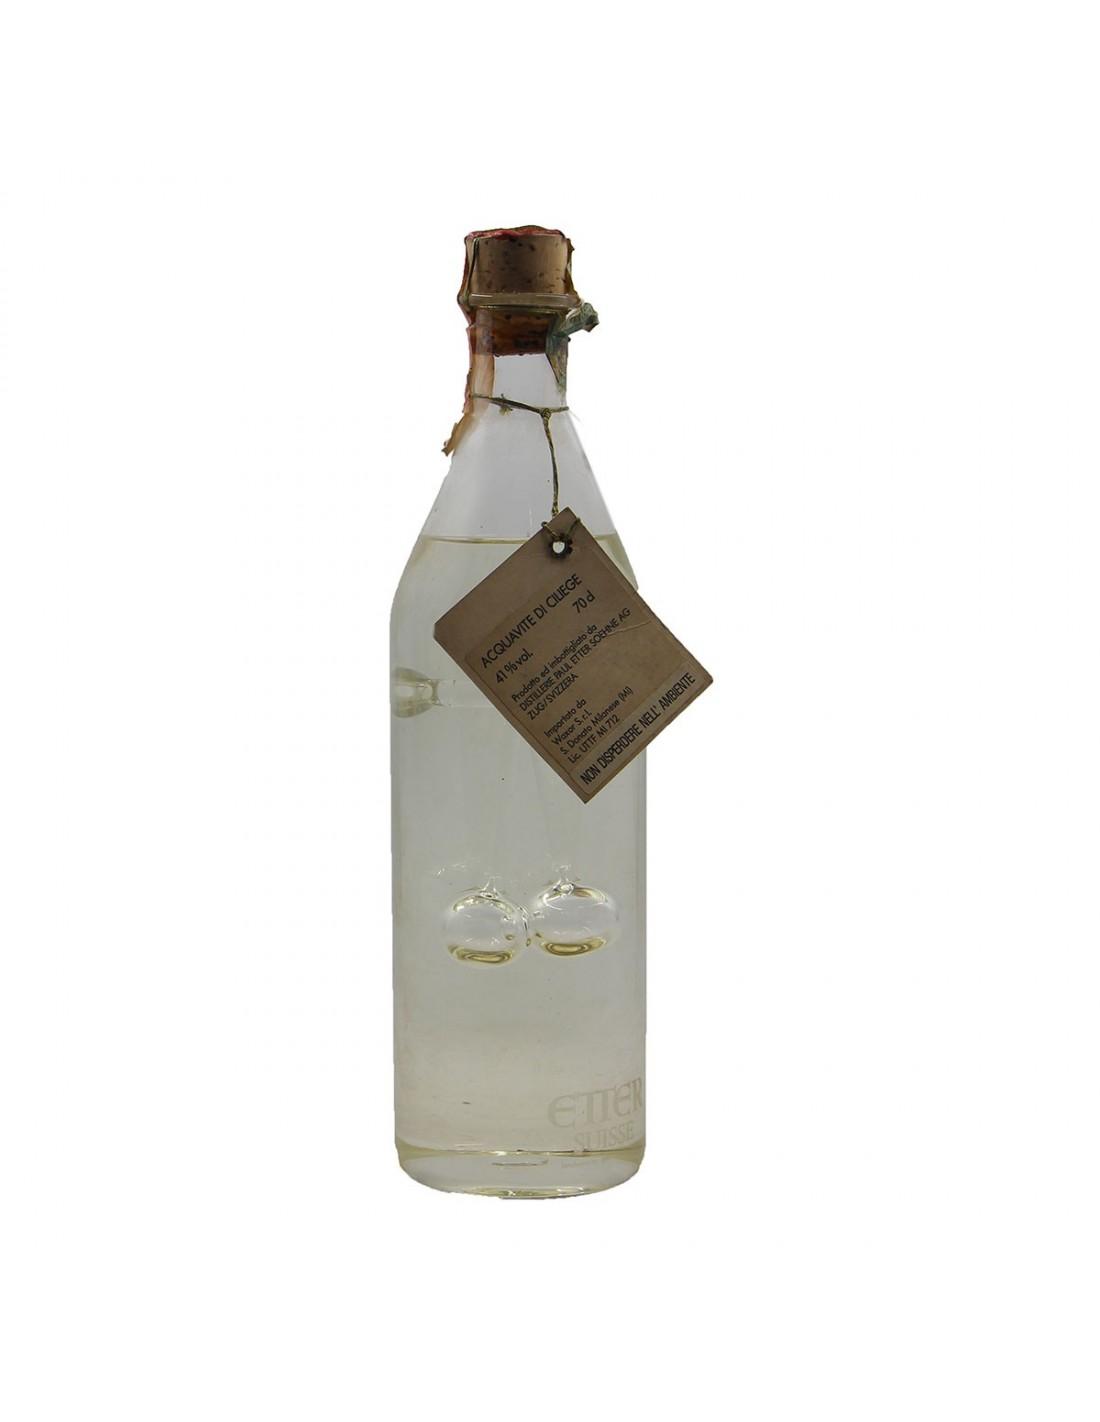 ACQUAVITE DI CILIEGE 70CL NV PAUL ETTER Grandi Bottiglie